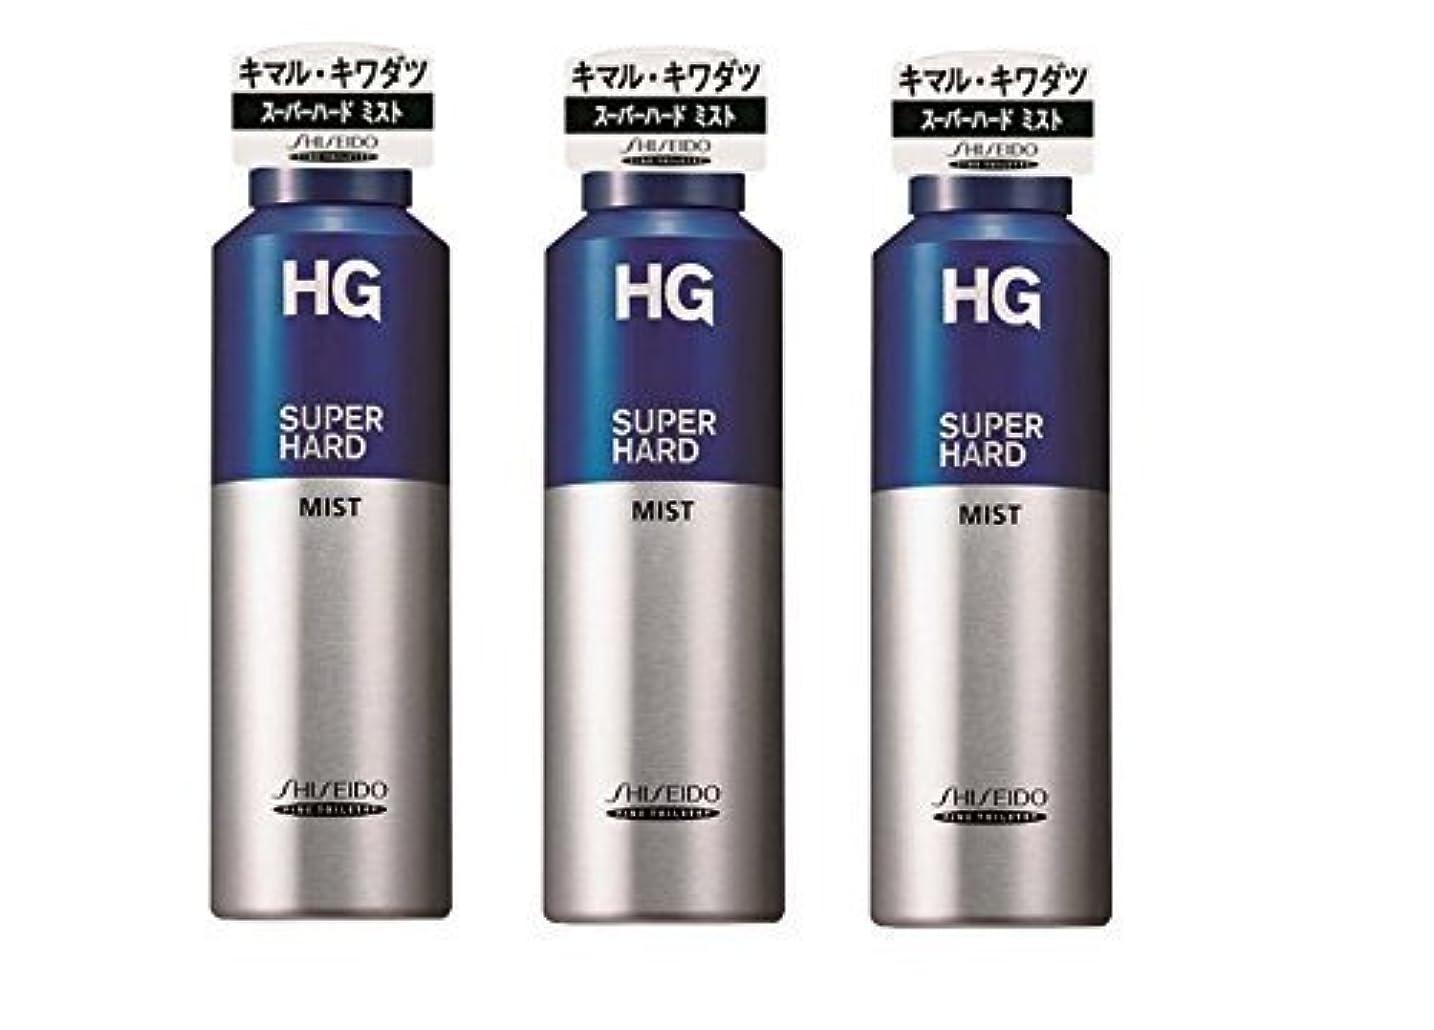 しおれたメッセージ彼らのもの【まとめ買い】HG スーパーハード ミスト 150g×3個